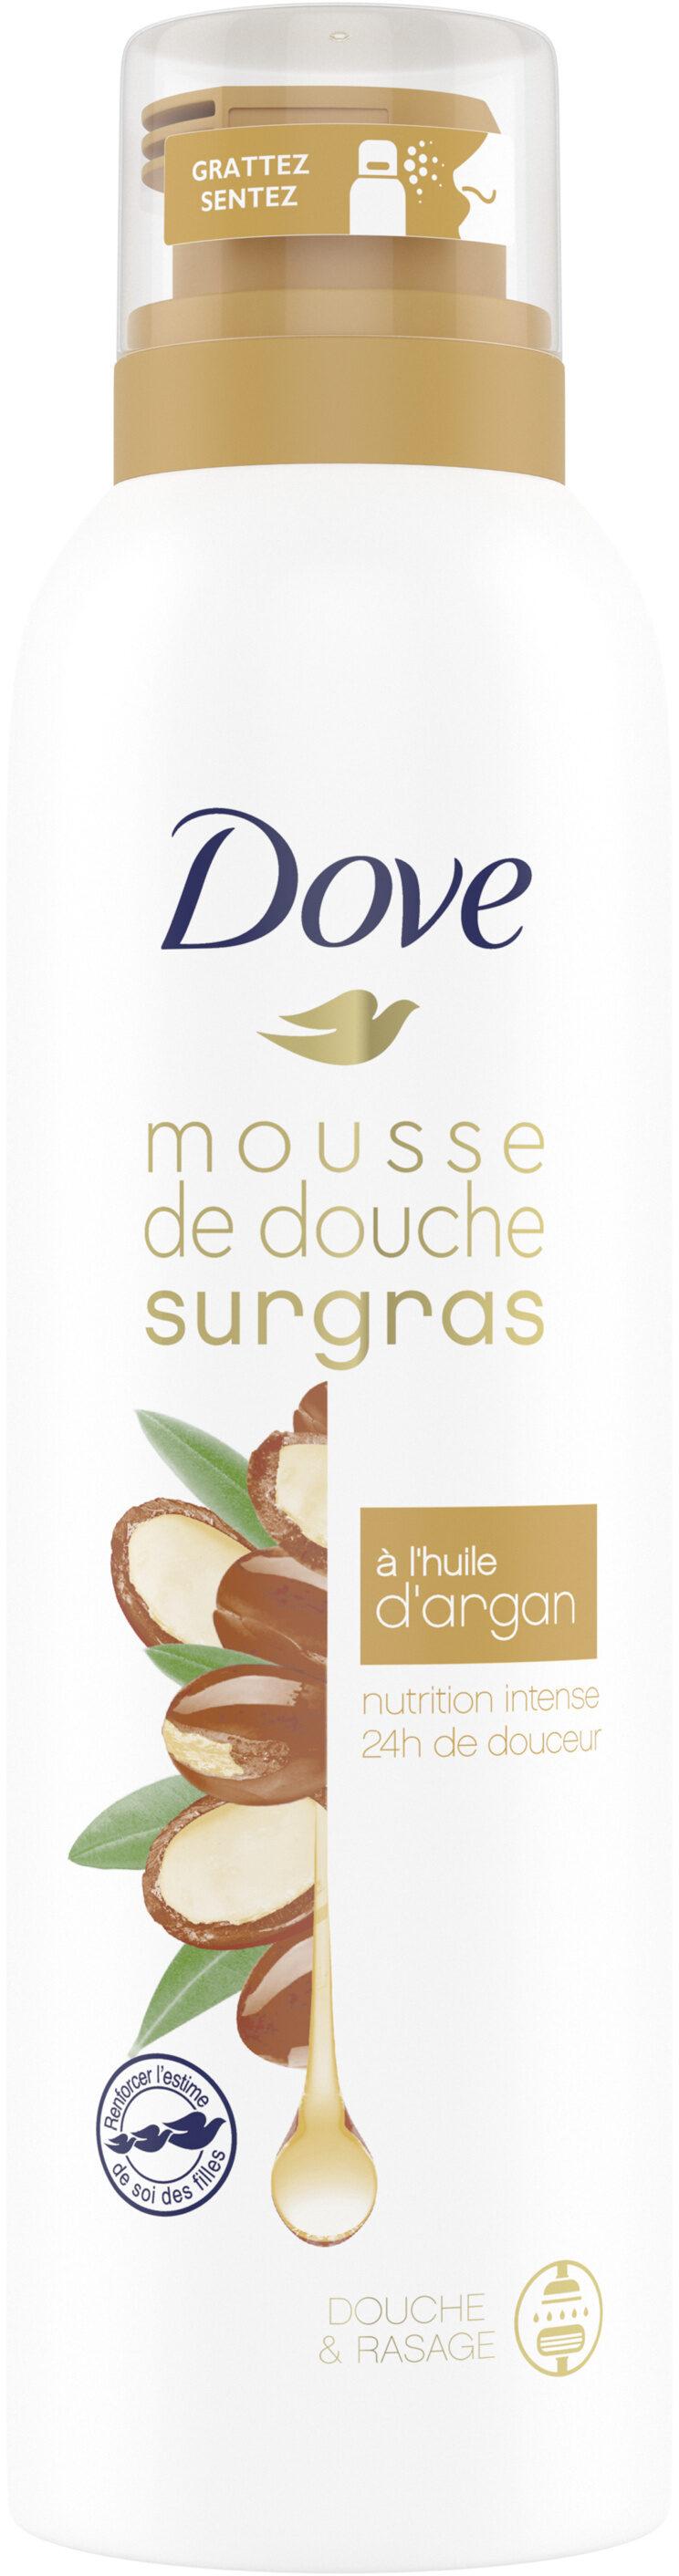 Dove Surgras Gel Douche Mousse Infusée à l'Huile d'Argan 24H de Douceur - Produit - fr